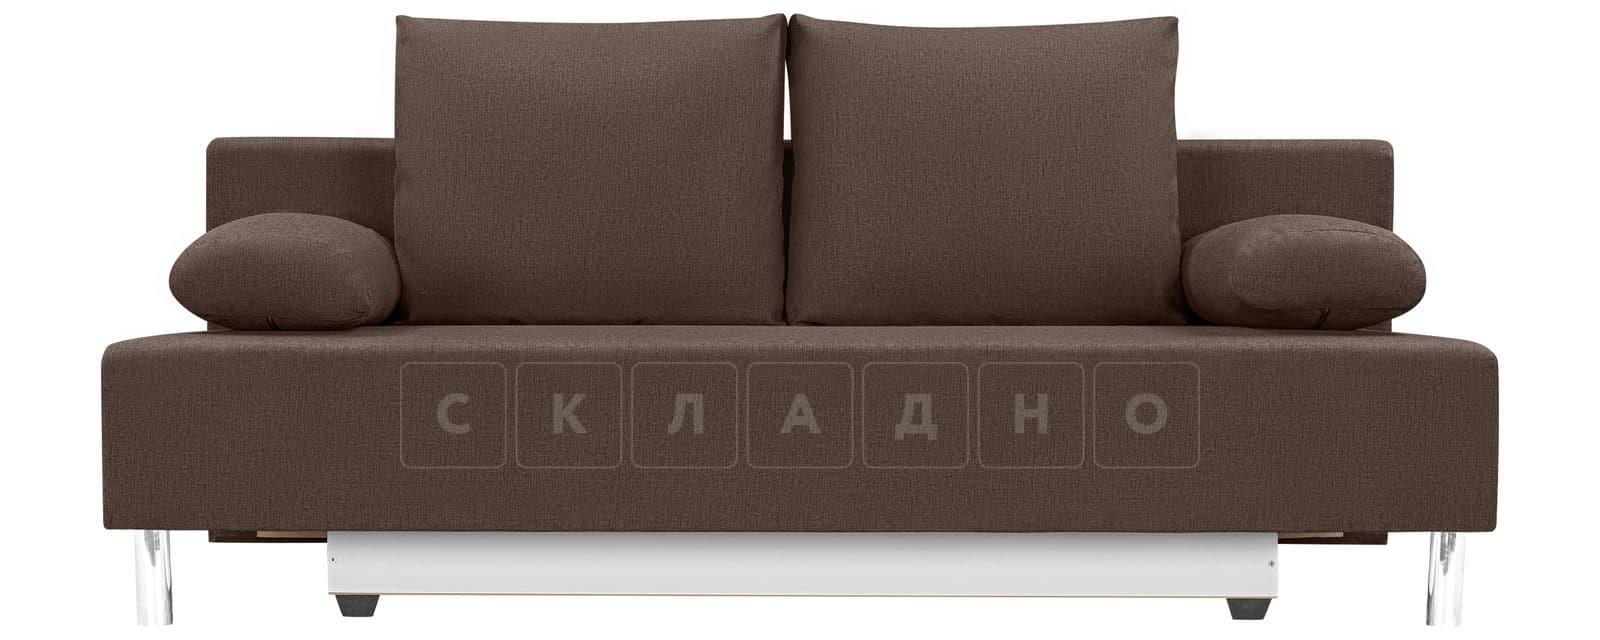 Диван Парма коричневого цвета рогожка фото 2 | интернет-магазин Складно